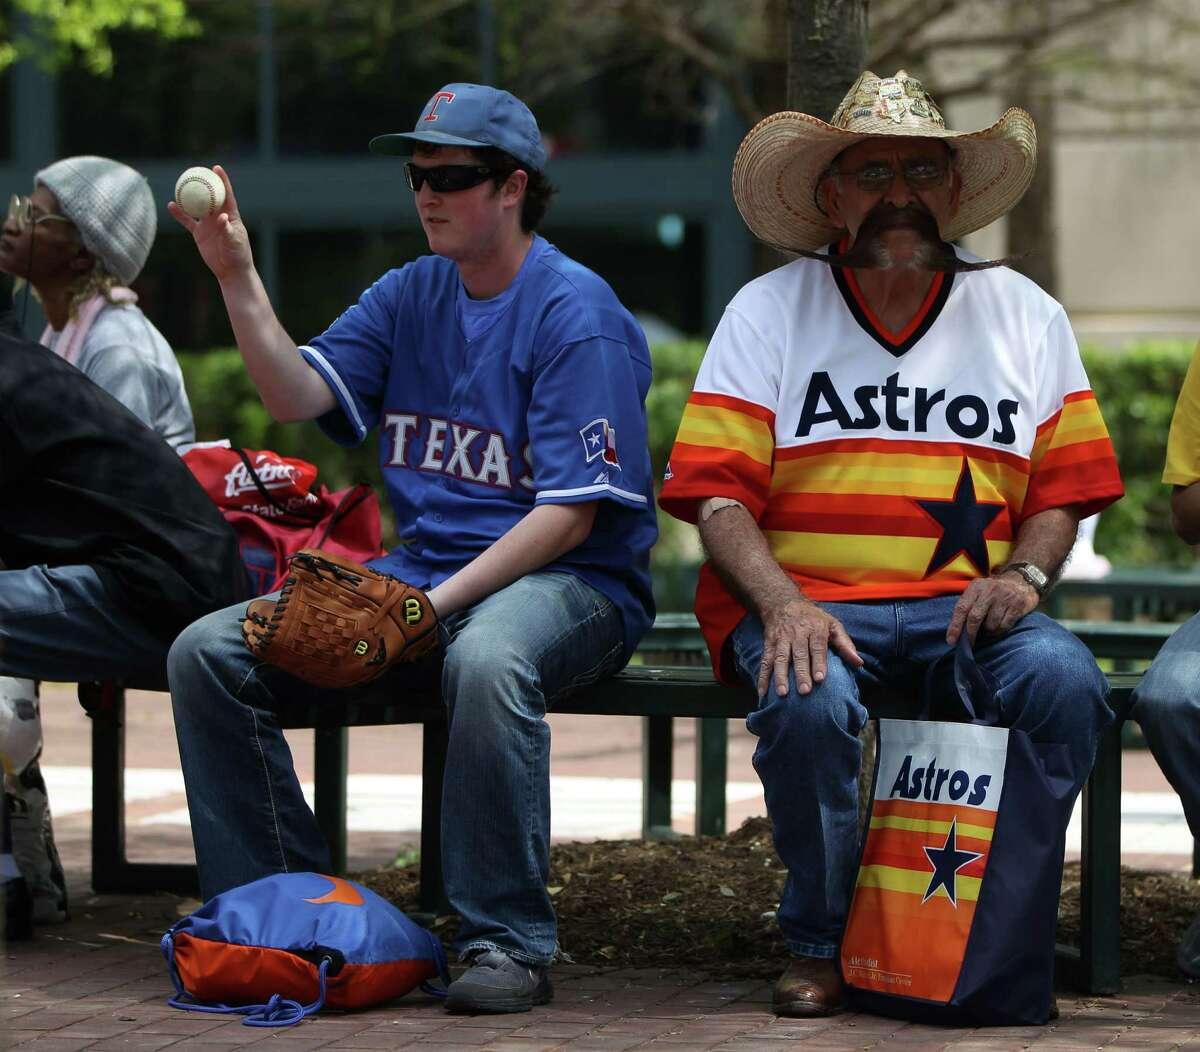 Astros or Rangers fan? Astros: 31 percent Rangers: 44 percent Not sure: 25 percent